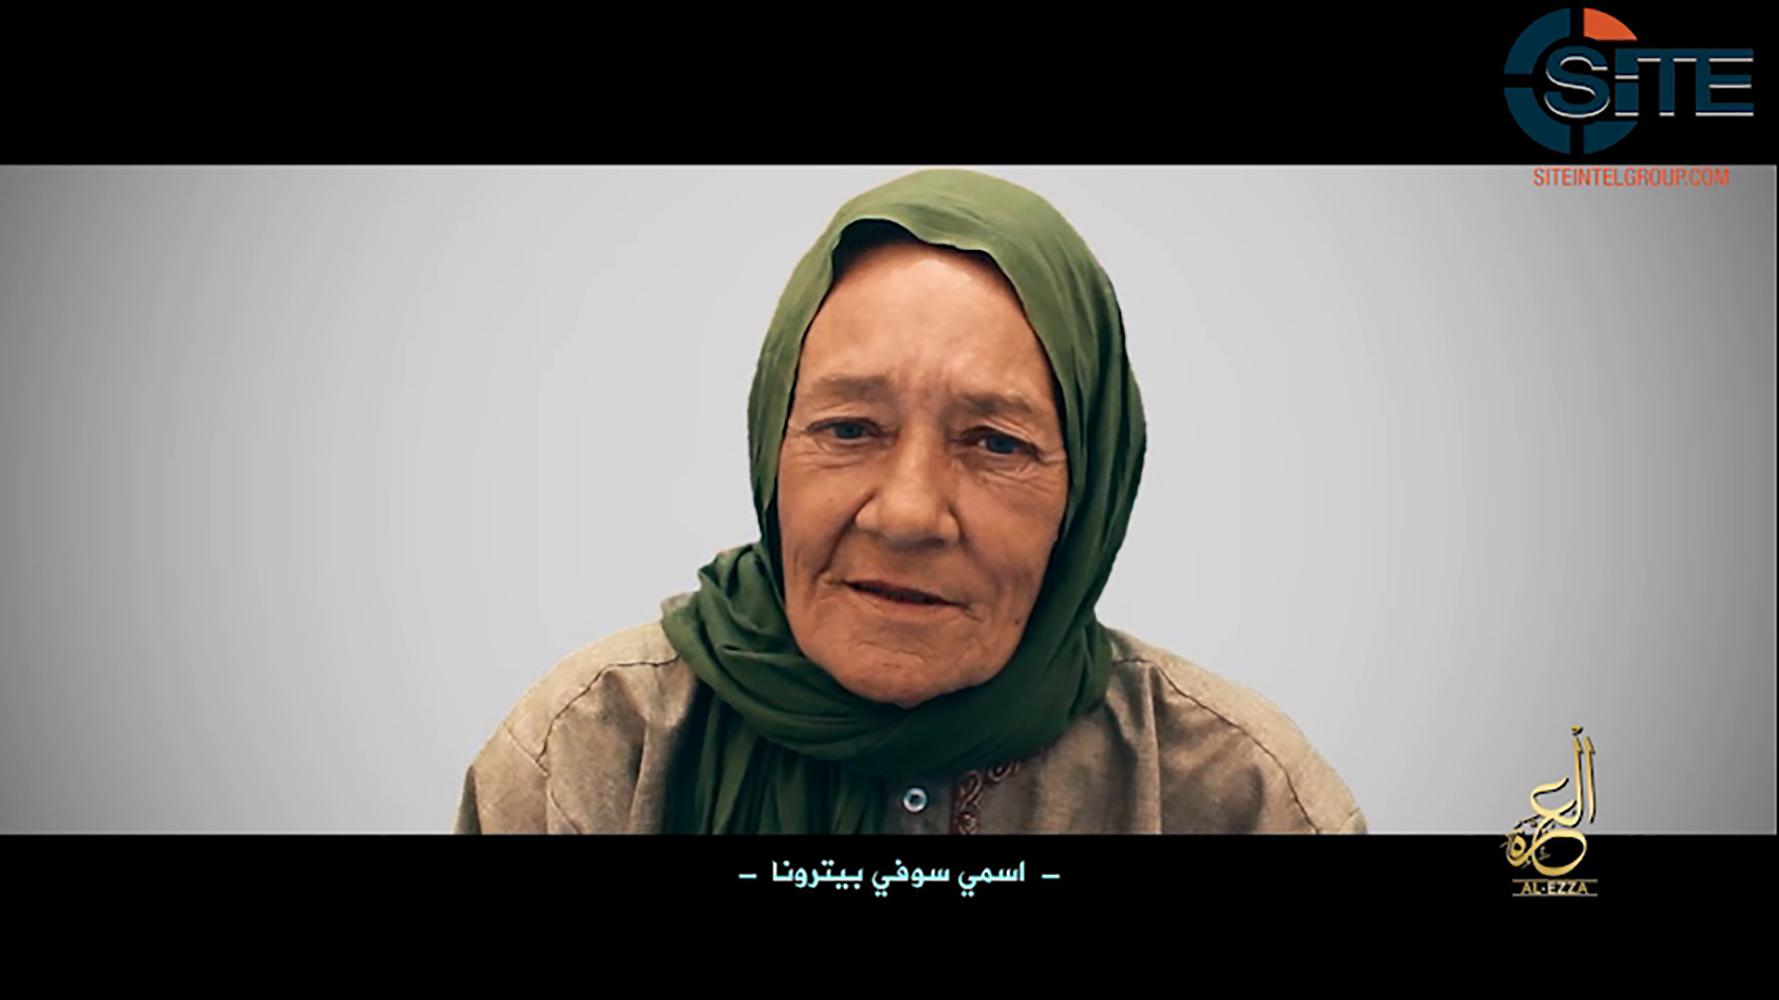 Szabadon engedték a világ utolsó francia túszát, egy 75 éves nőt